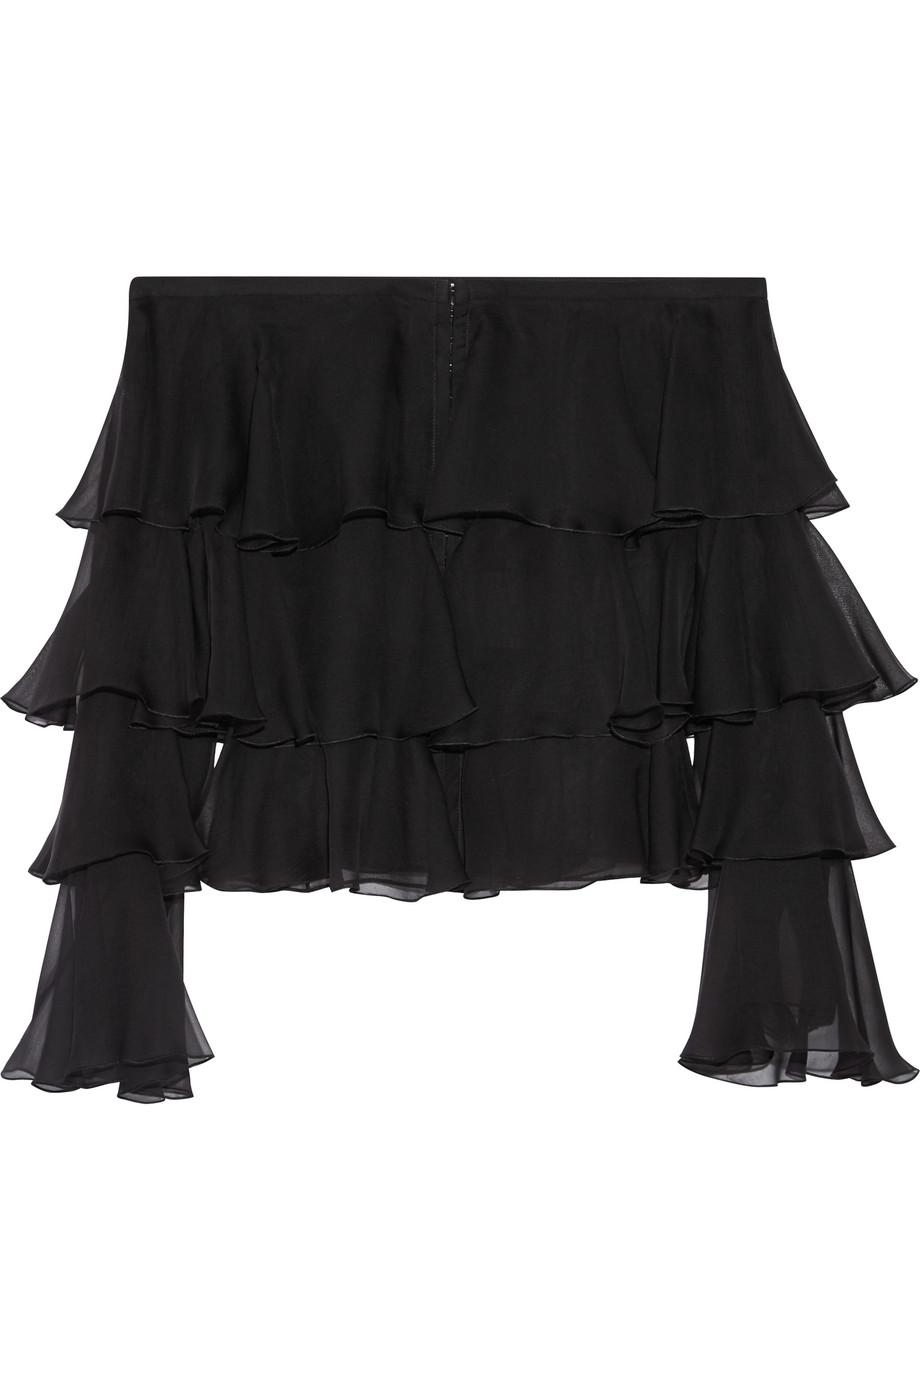 Balmain Off-the-Shoulder Ruffled Silk-Chiffon Blouse, Black, Women's, Size: 34